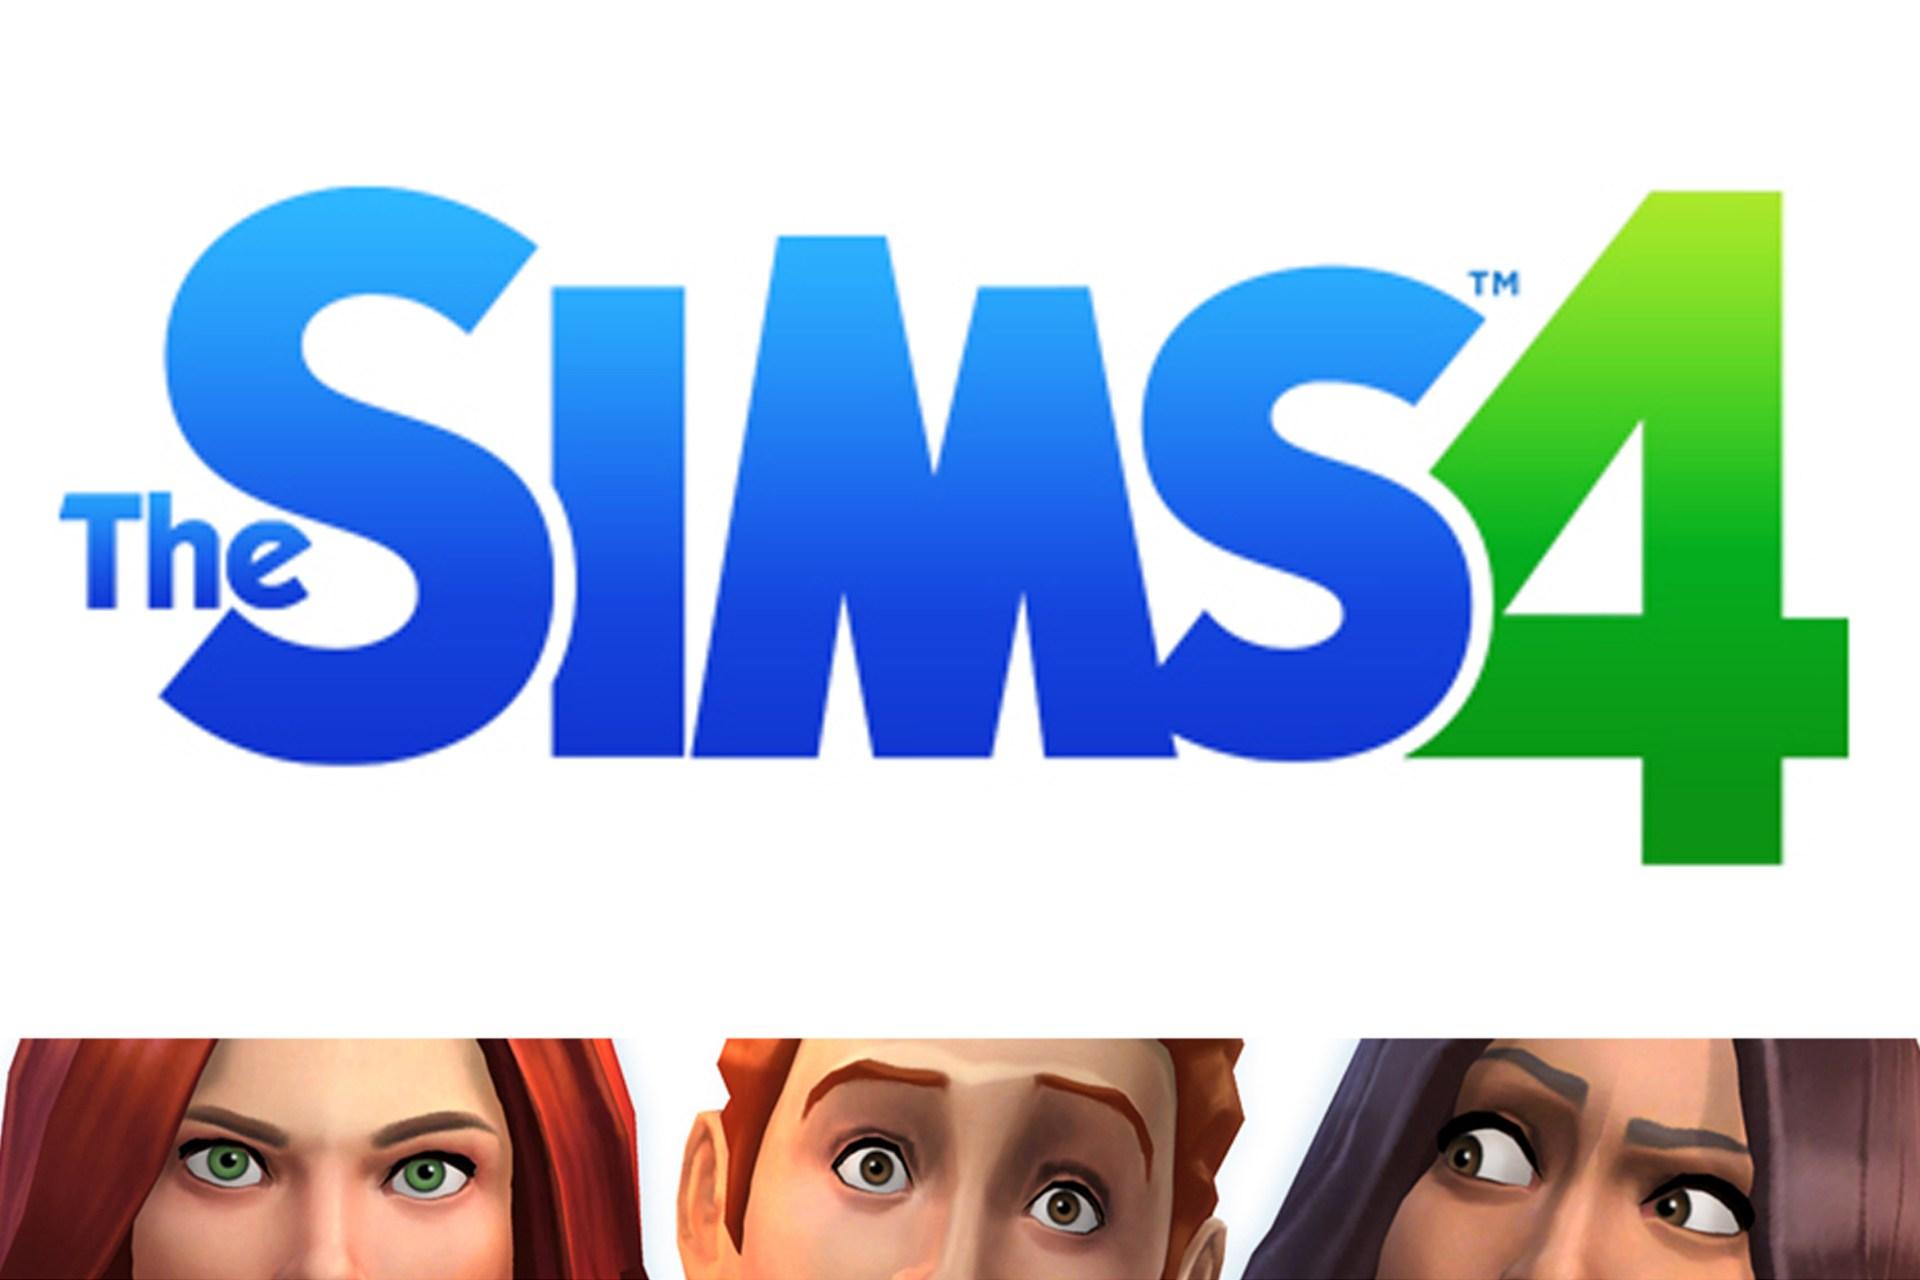 The Sims 4 funcionará mejor que su antecesor en computadores de gamma baja [Anuncios]